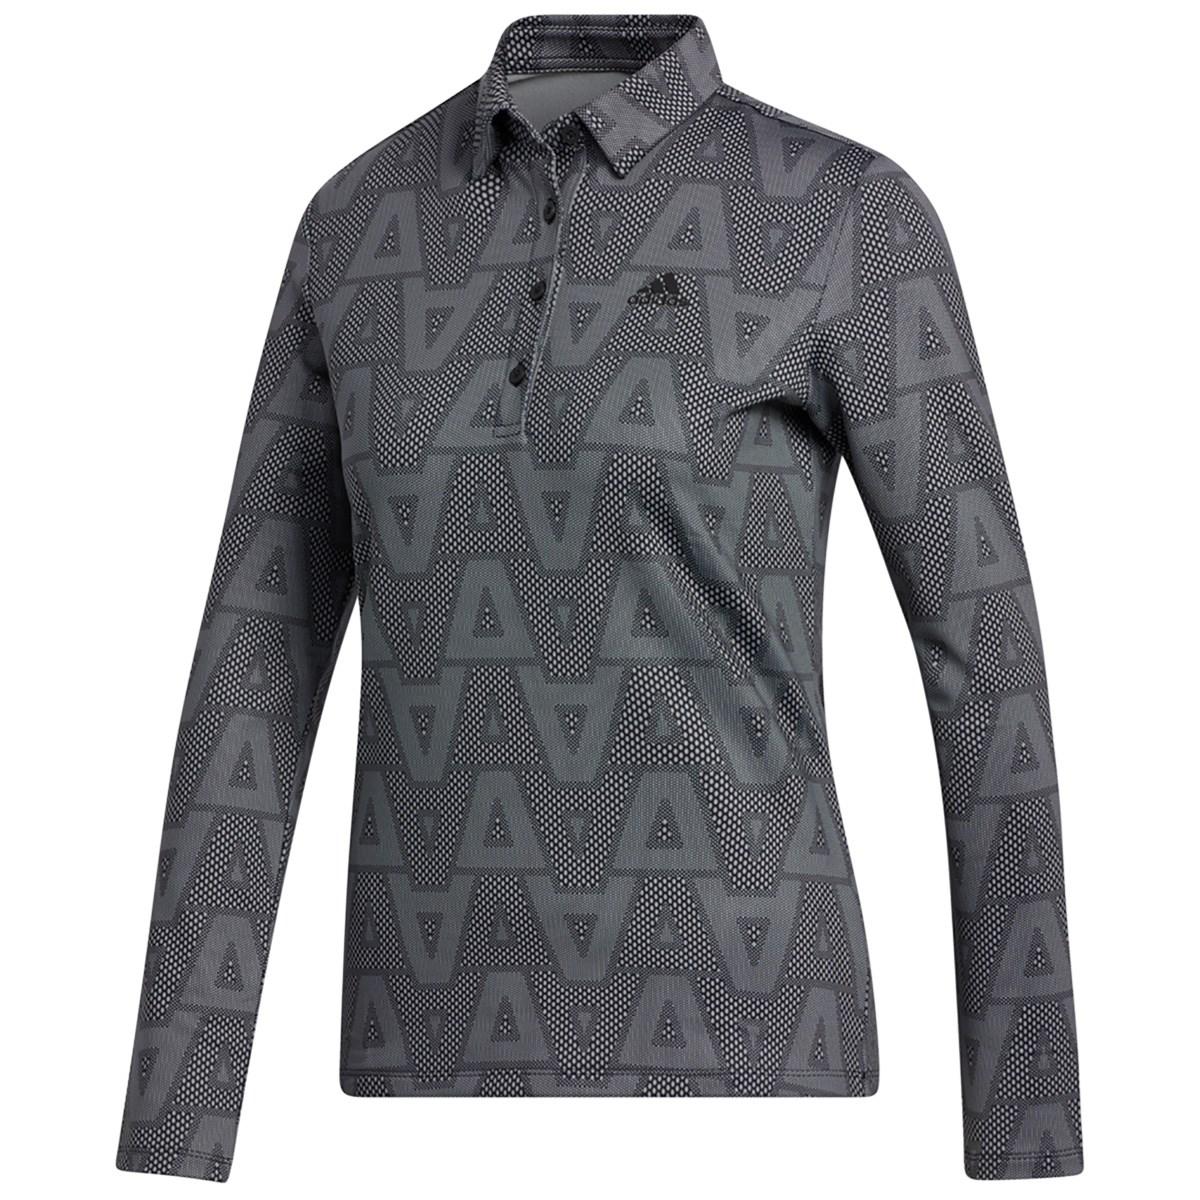 アディダス Adidas ジオメトリックパターン ストレッチ長袖ポロシャツ J/S ブラック レディス